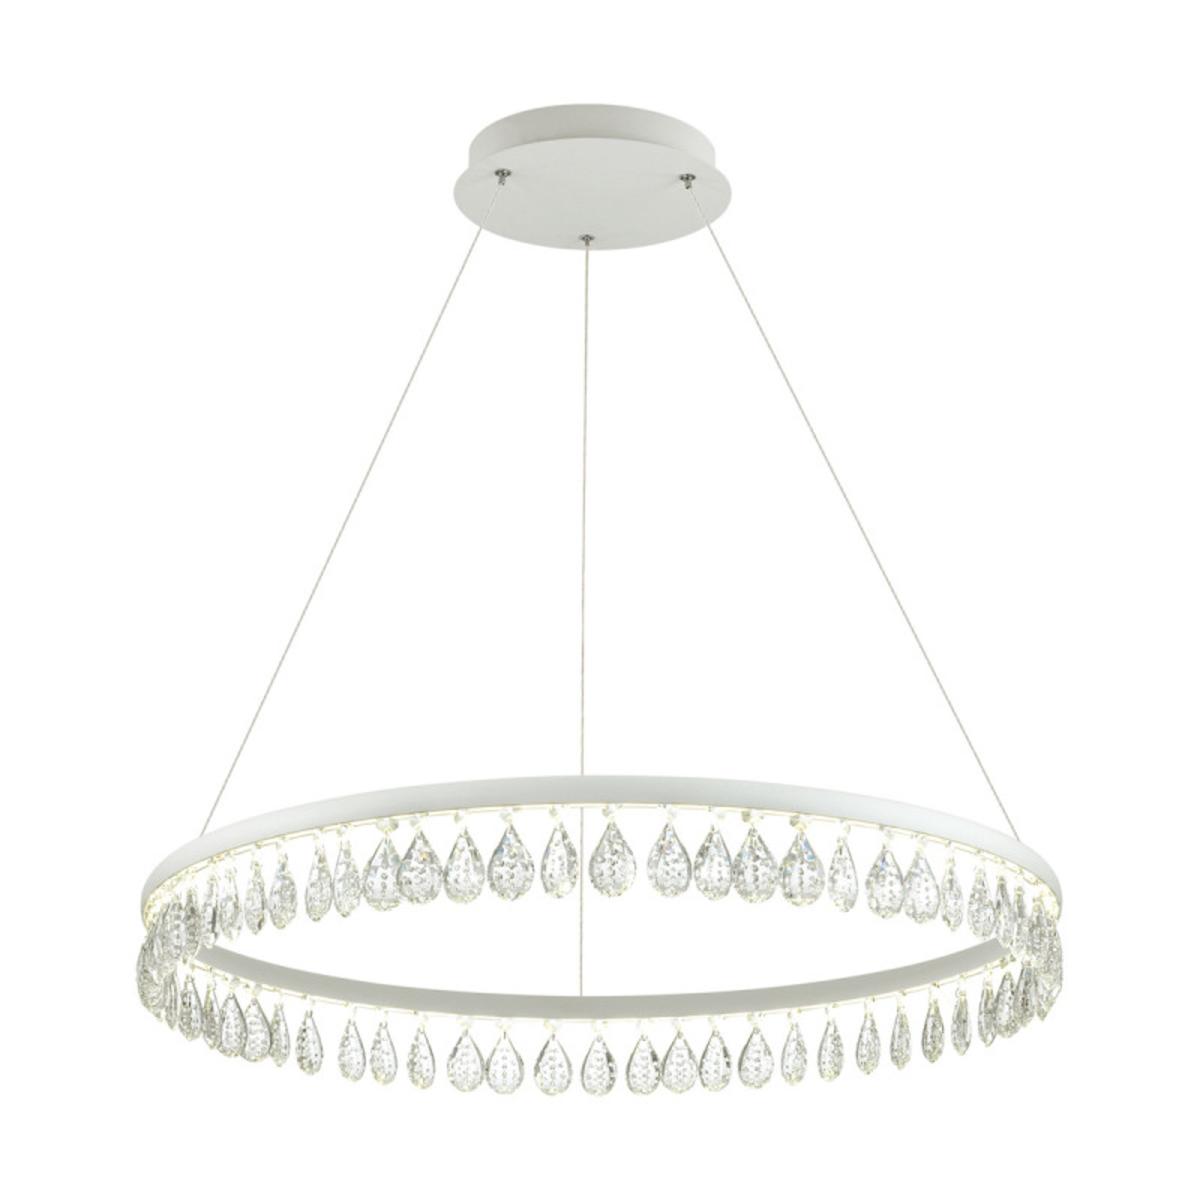 Купить Подвесной светильник Onix Подвесной светильник Odeon Light 4602/48L (15596), HomeMe